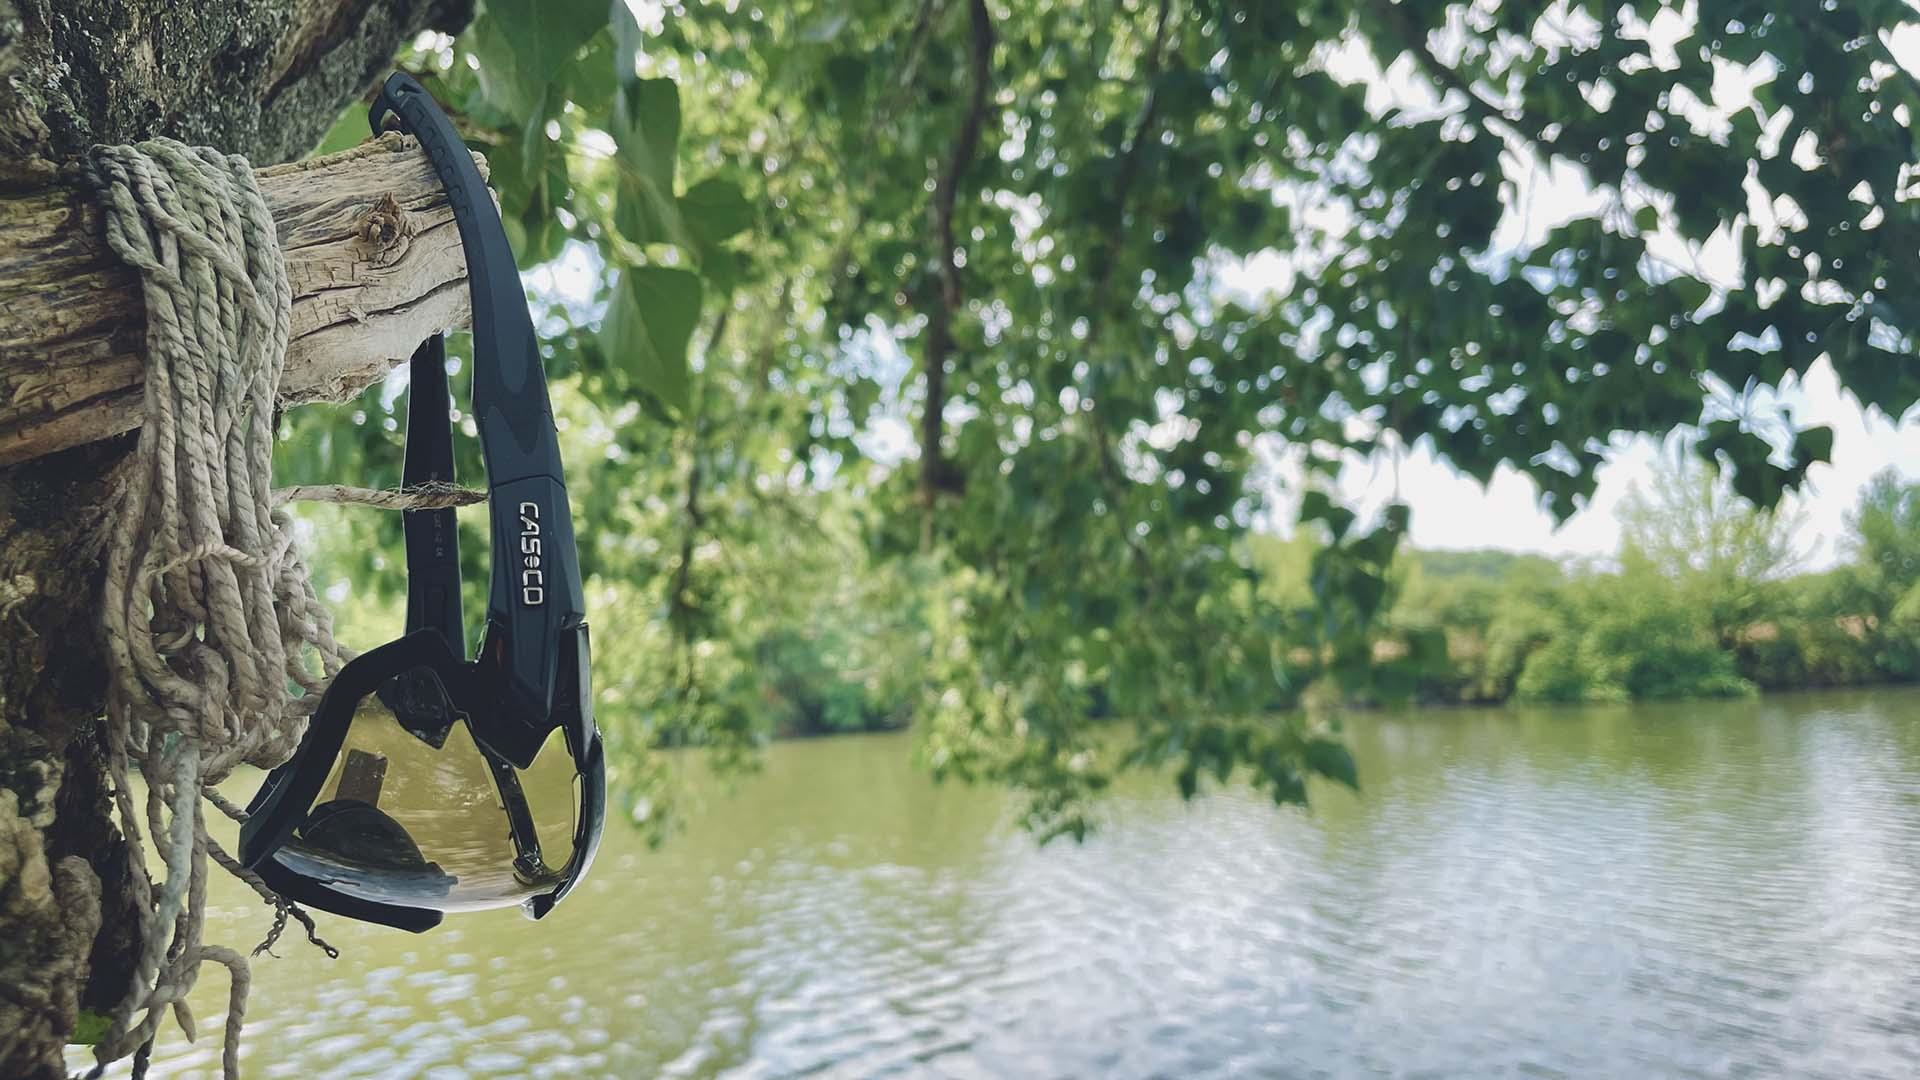 Funkcionális szemüveg sportoláshoz kifejlesztve: Casco SX-34 sportszemüveg-16